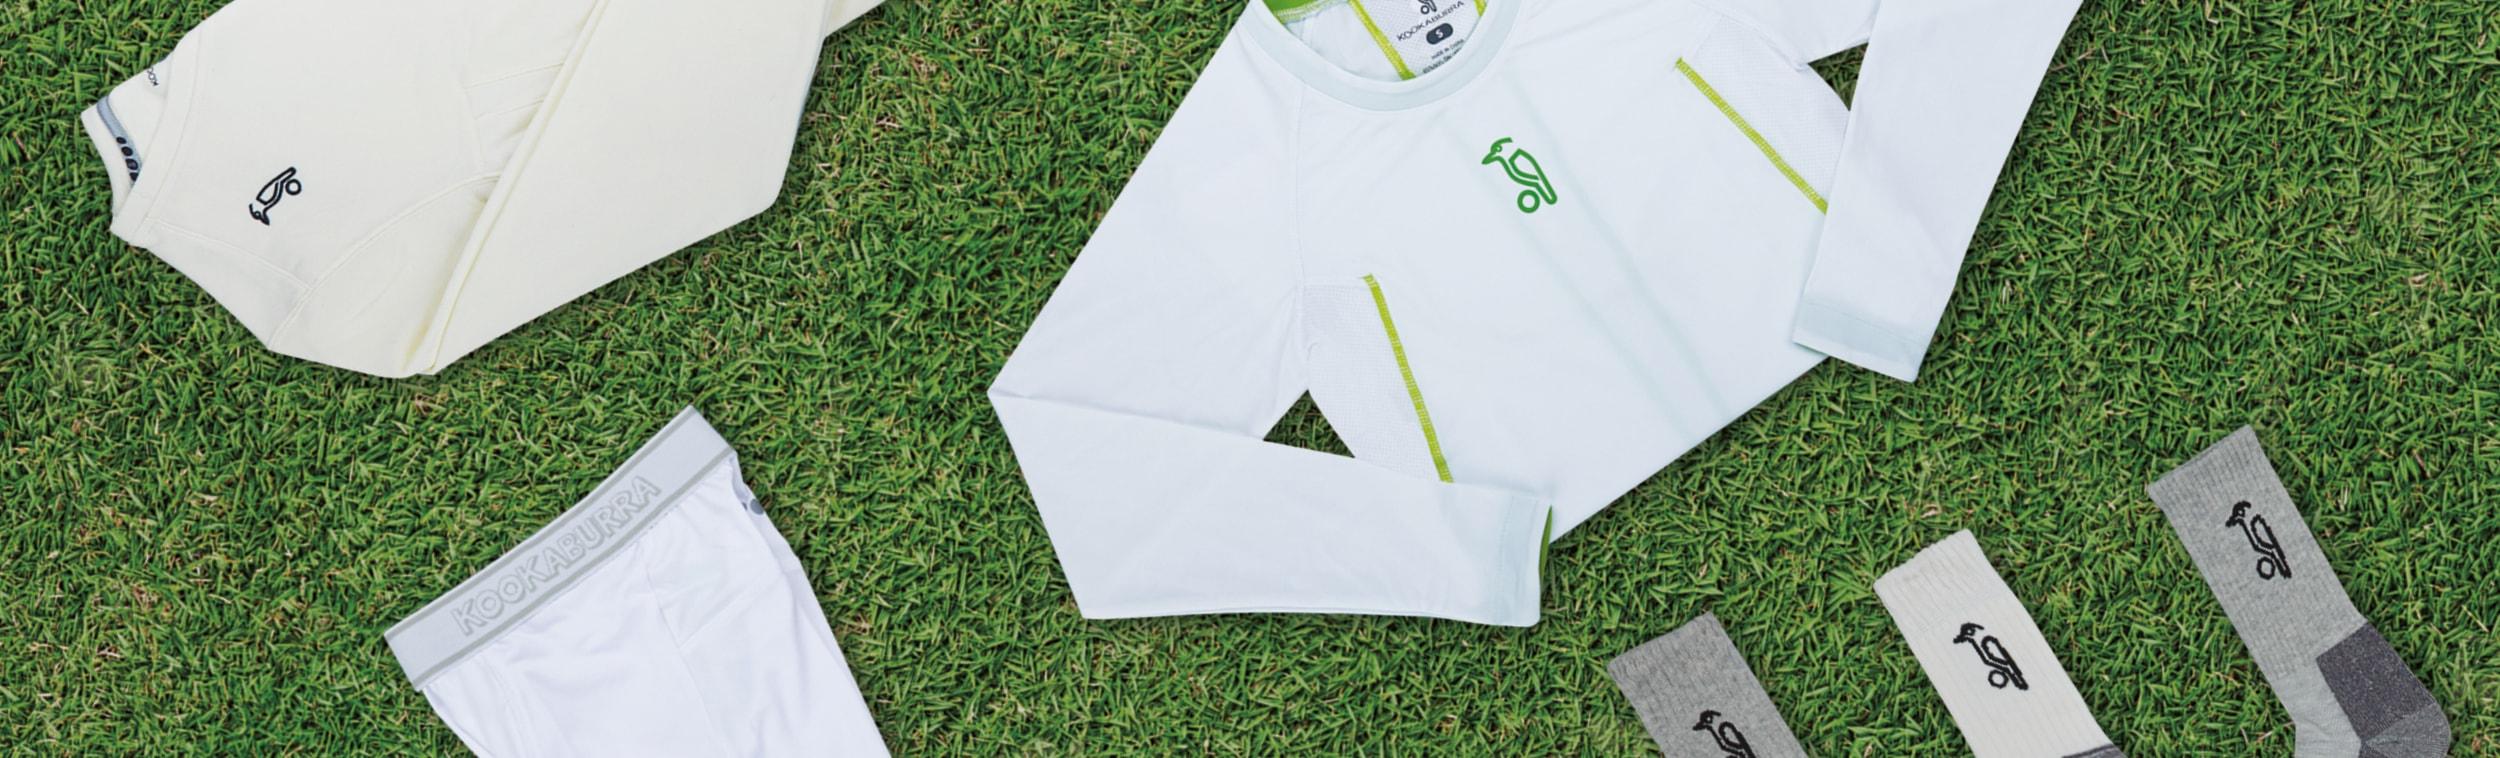 Cricket Base Layers & Underwear